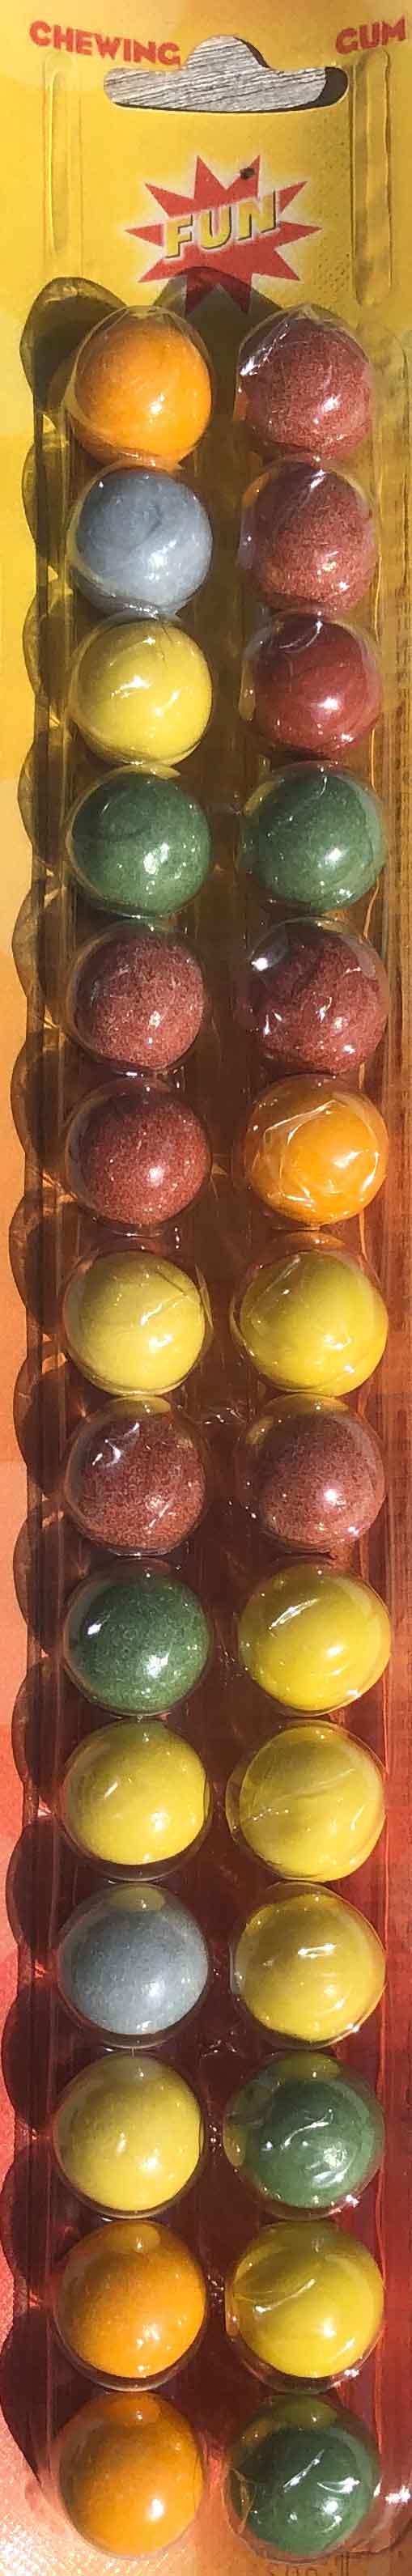 kauwgomballen tellen